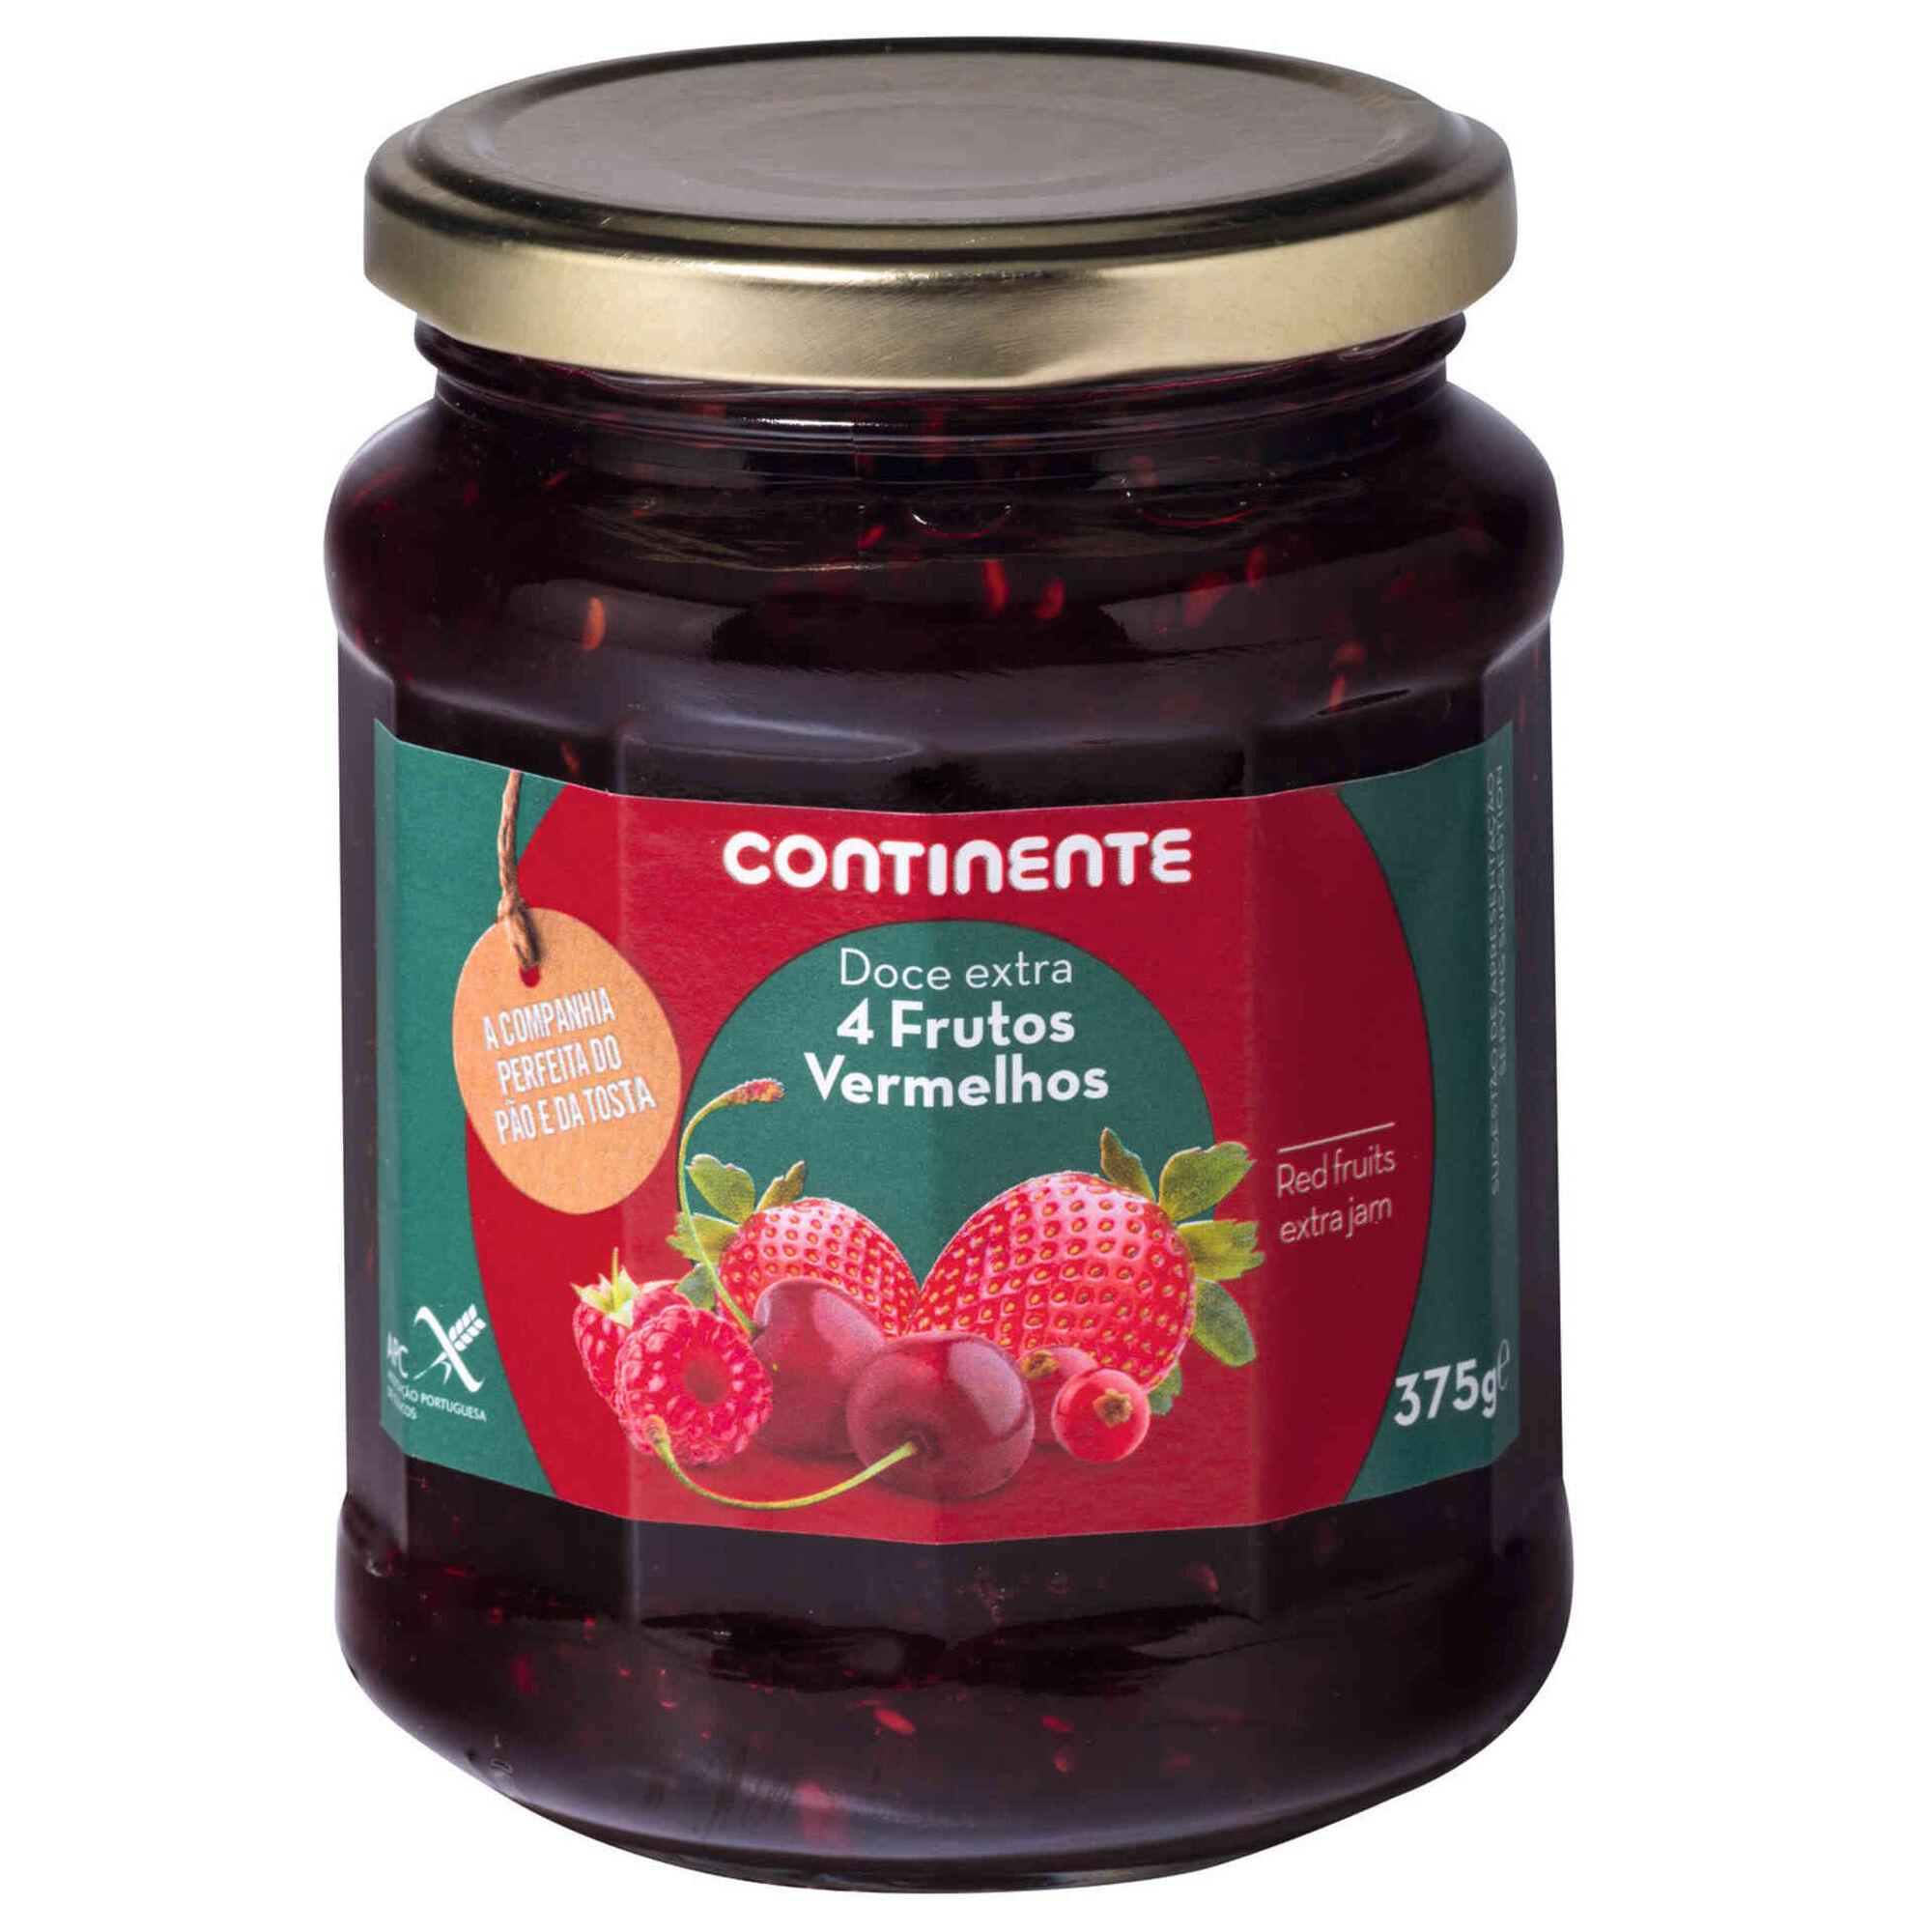 Doce Extra 4 Frutos Vermelhos, , hi-res